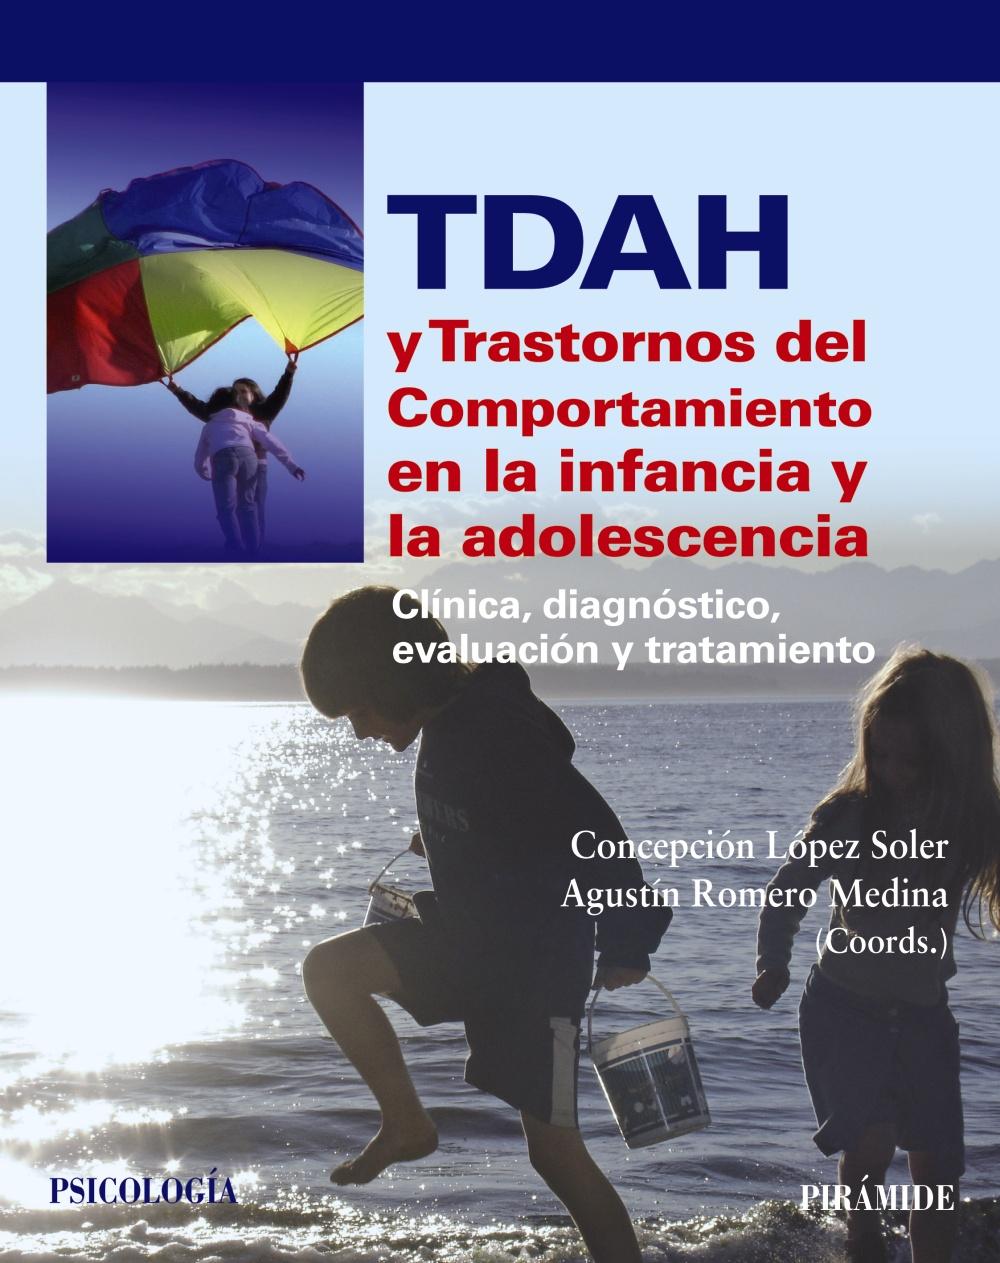 TDAH y Trastornos del Comportamiento en la infancia y la adolescencia (ebook)